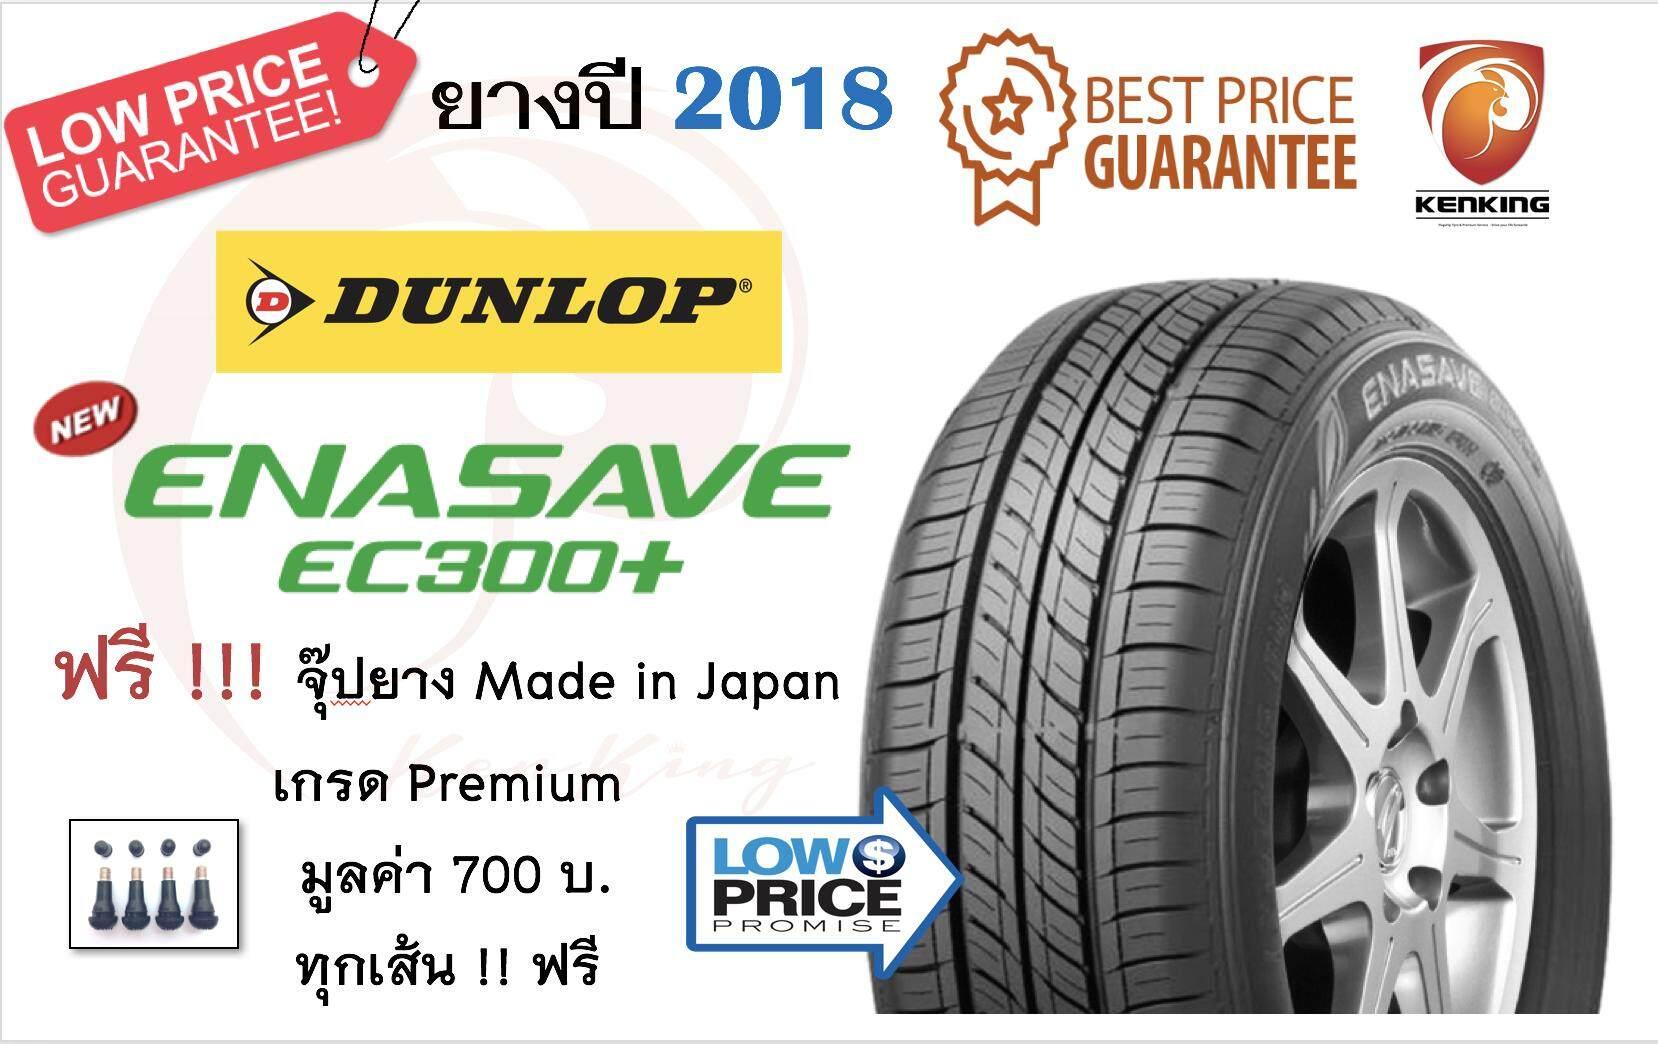 ประกันภัย รถยนต์ 2+ ขอนแก่น ยางรถยนต์ขอบ16 Dunlop 205/60 R16  รุ่น ENASAVE EC300+ NEW!! 2019 ( 4 เส้น ) FREE !! จุ๊ป PREMIUM BY KENKING POWER 650 บาท MADE IN JAPAN แท้ (ลิขสิทธิืแท้รายเดียว)